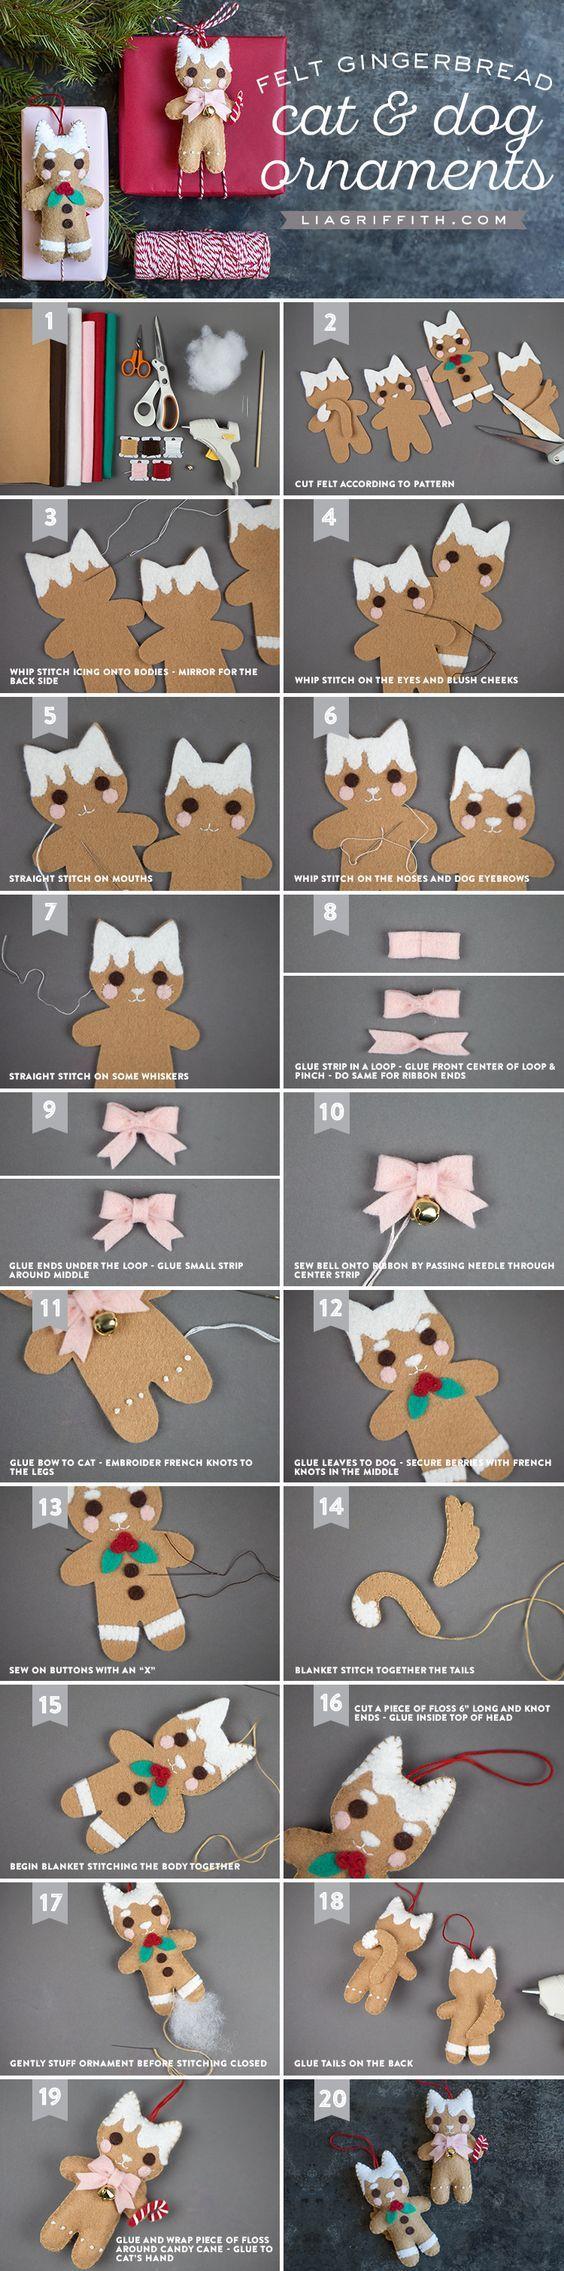 Gingerbread Animal Ornaments - Lia Griffith - www.liagriffith.com #diyornament #diyornaments #diychristmas #diyholiday #diyholidays #felt #feltcute #diyinspiration #madewithlia